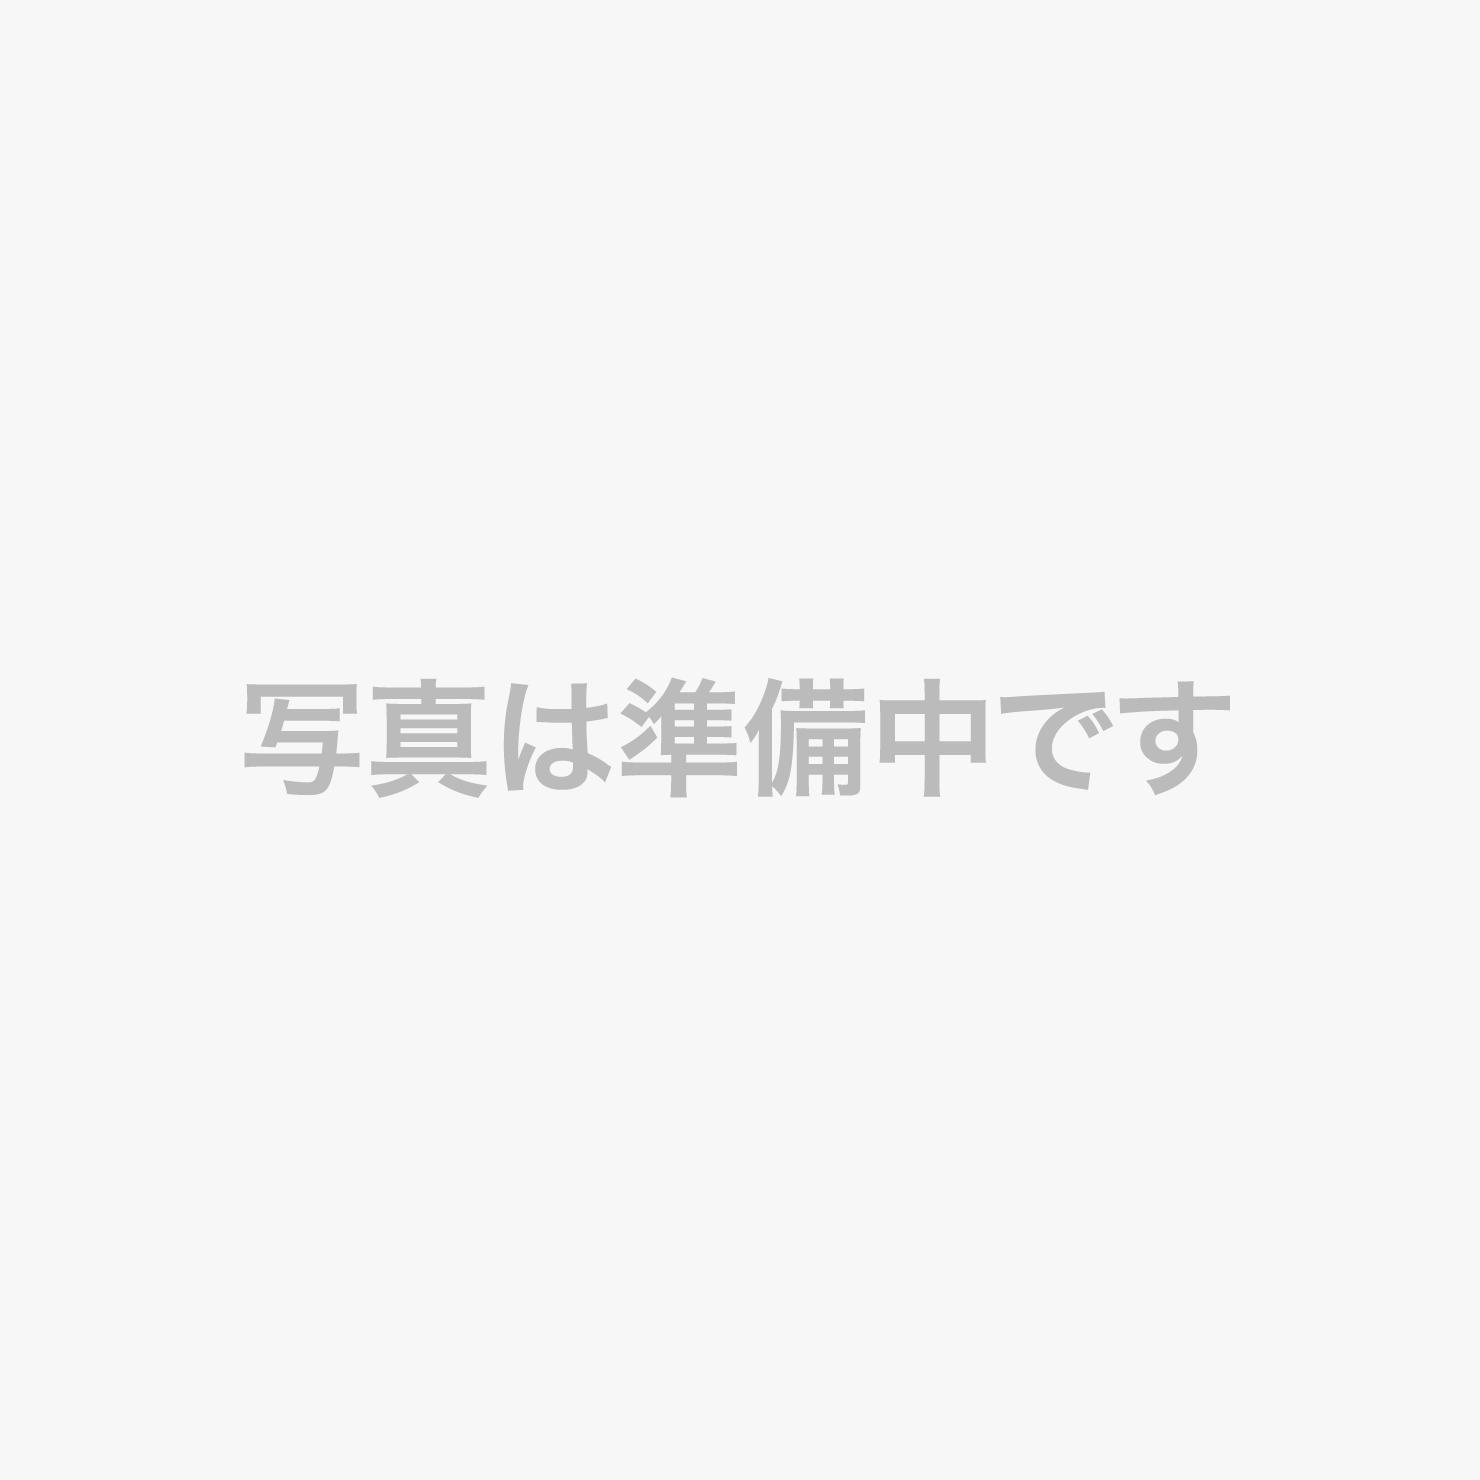 海の見える爽快★ウッドデッキテラス★朝日を浴びながらご朝食♪!